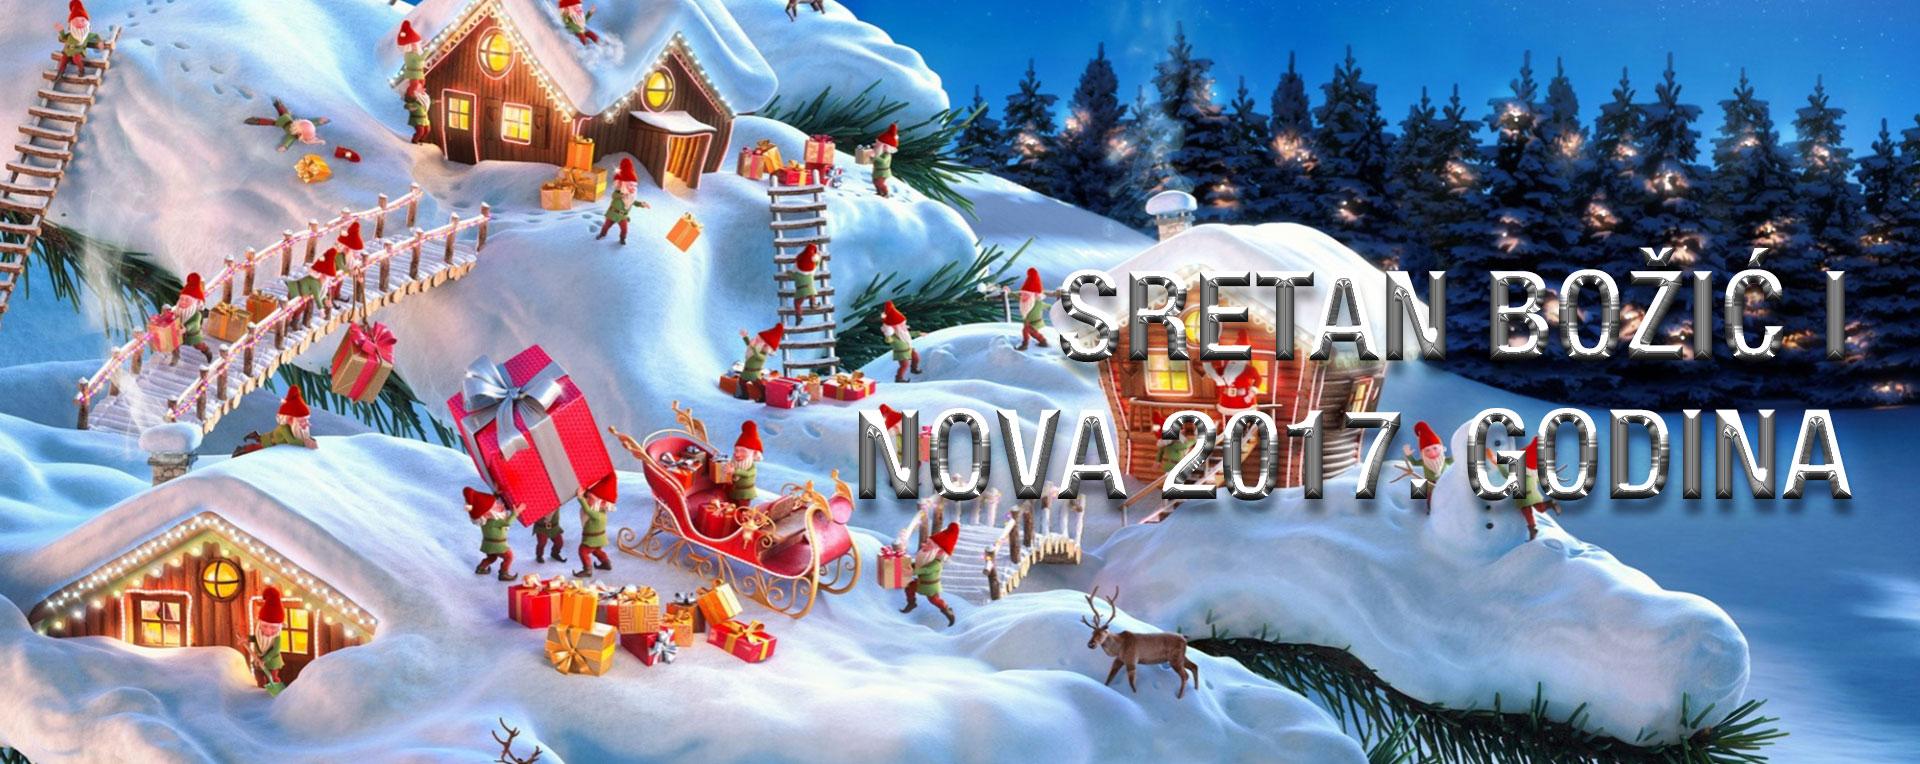 Sretan Božić i Nova godina Hrvatski Sindikat šumarstva